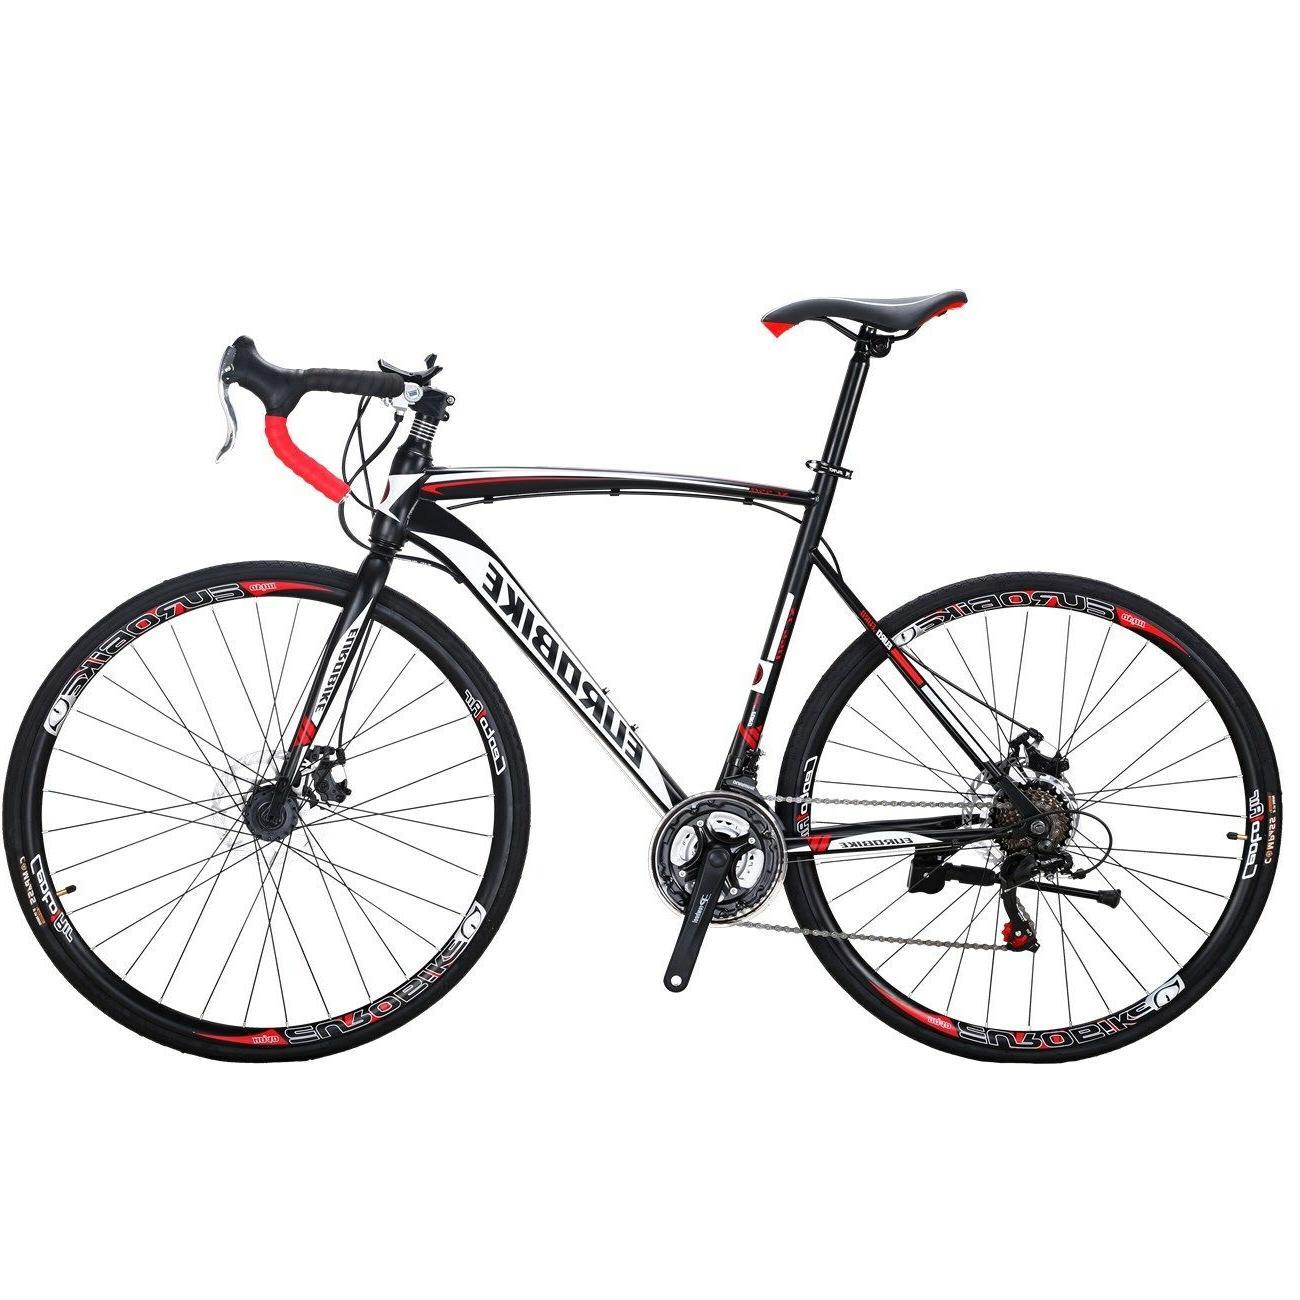 Road Bike Shimano Brake Bicyle Cycling 54cm 3 Styles